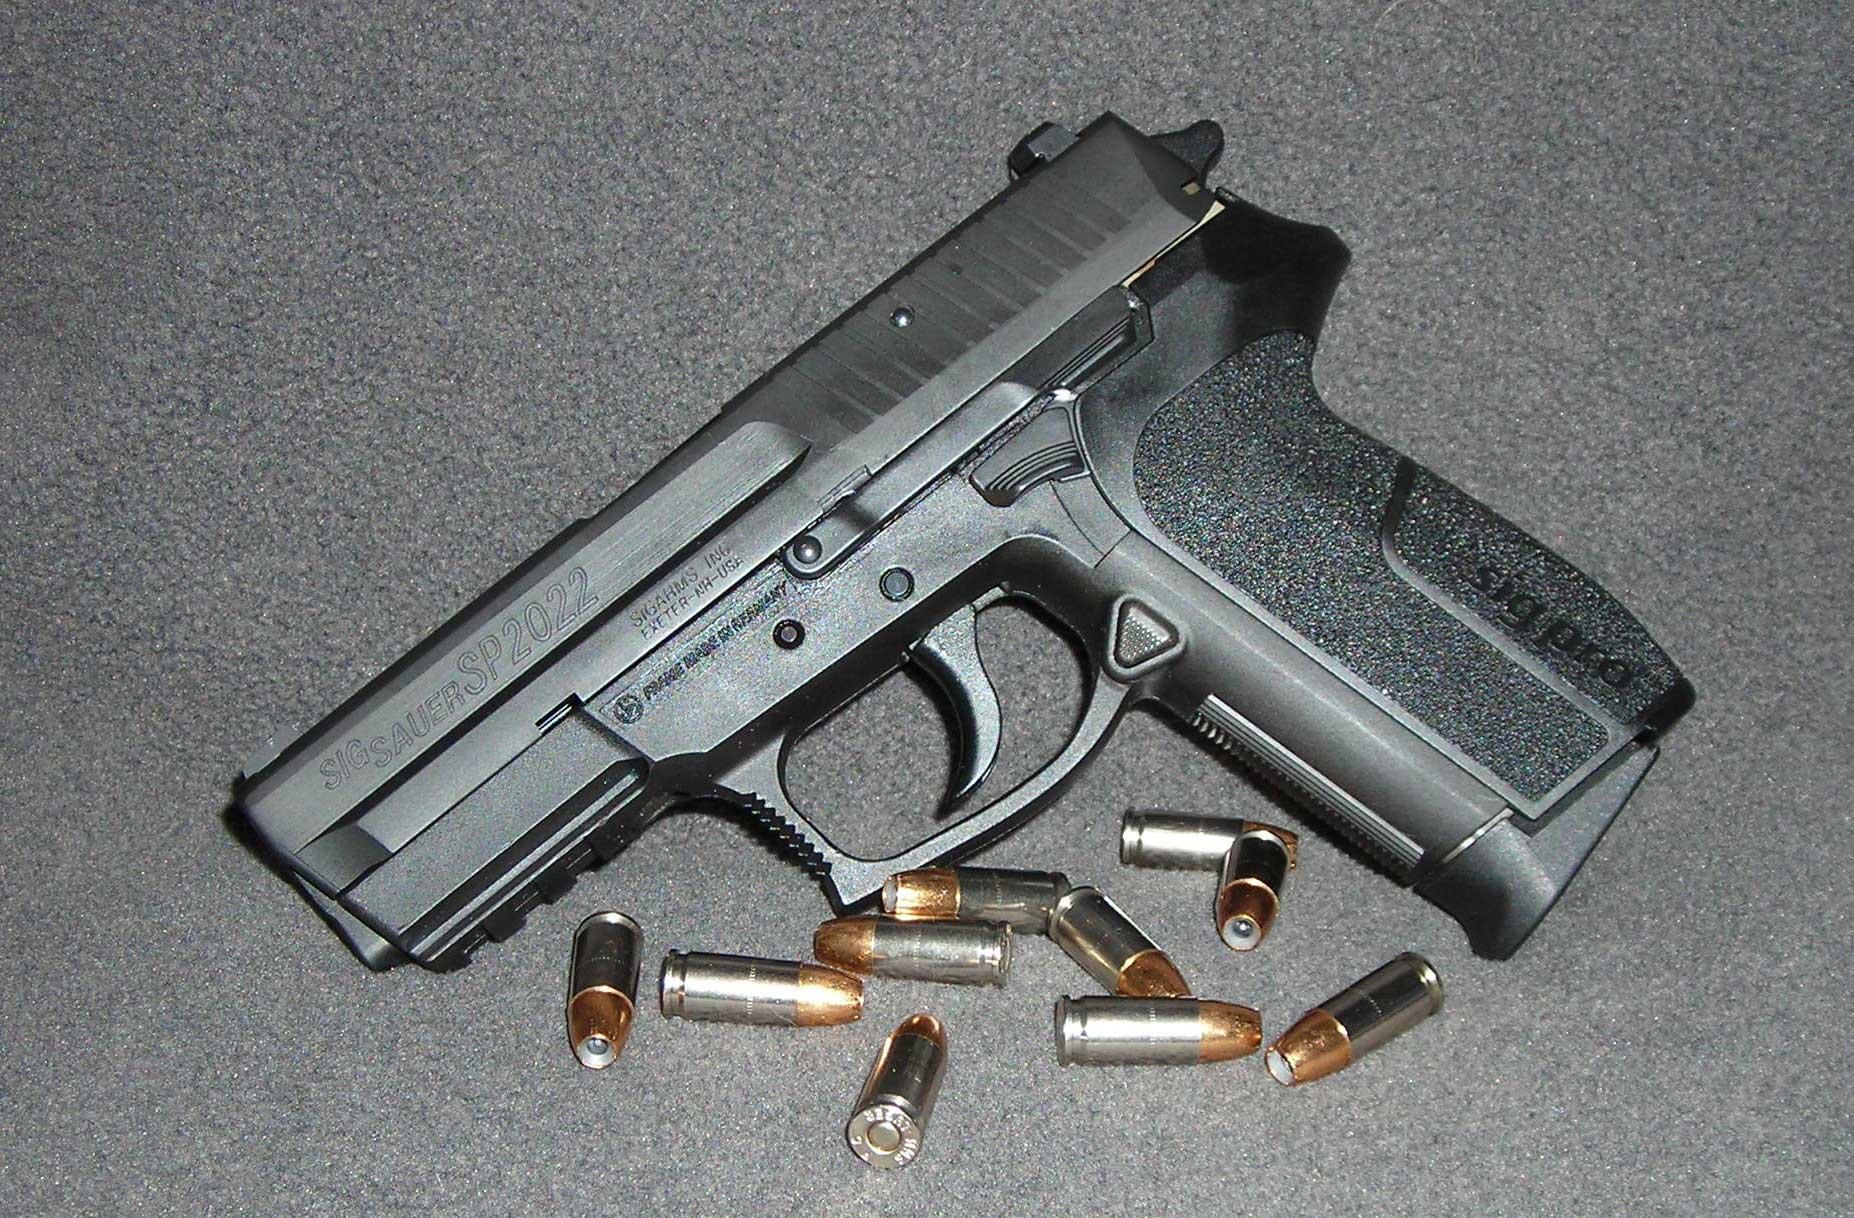 Pistolas de Obsequio a el Personal que Egresa de los Planteles Militares. - Página 2 SIGPRO_SP2022